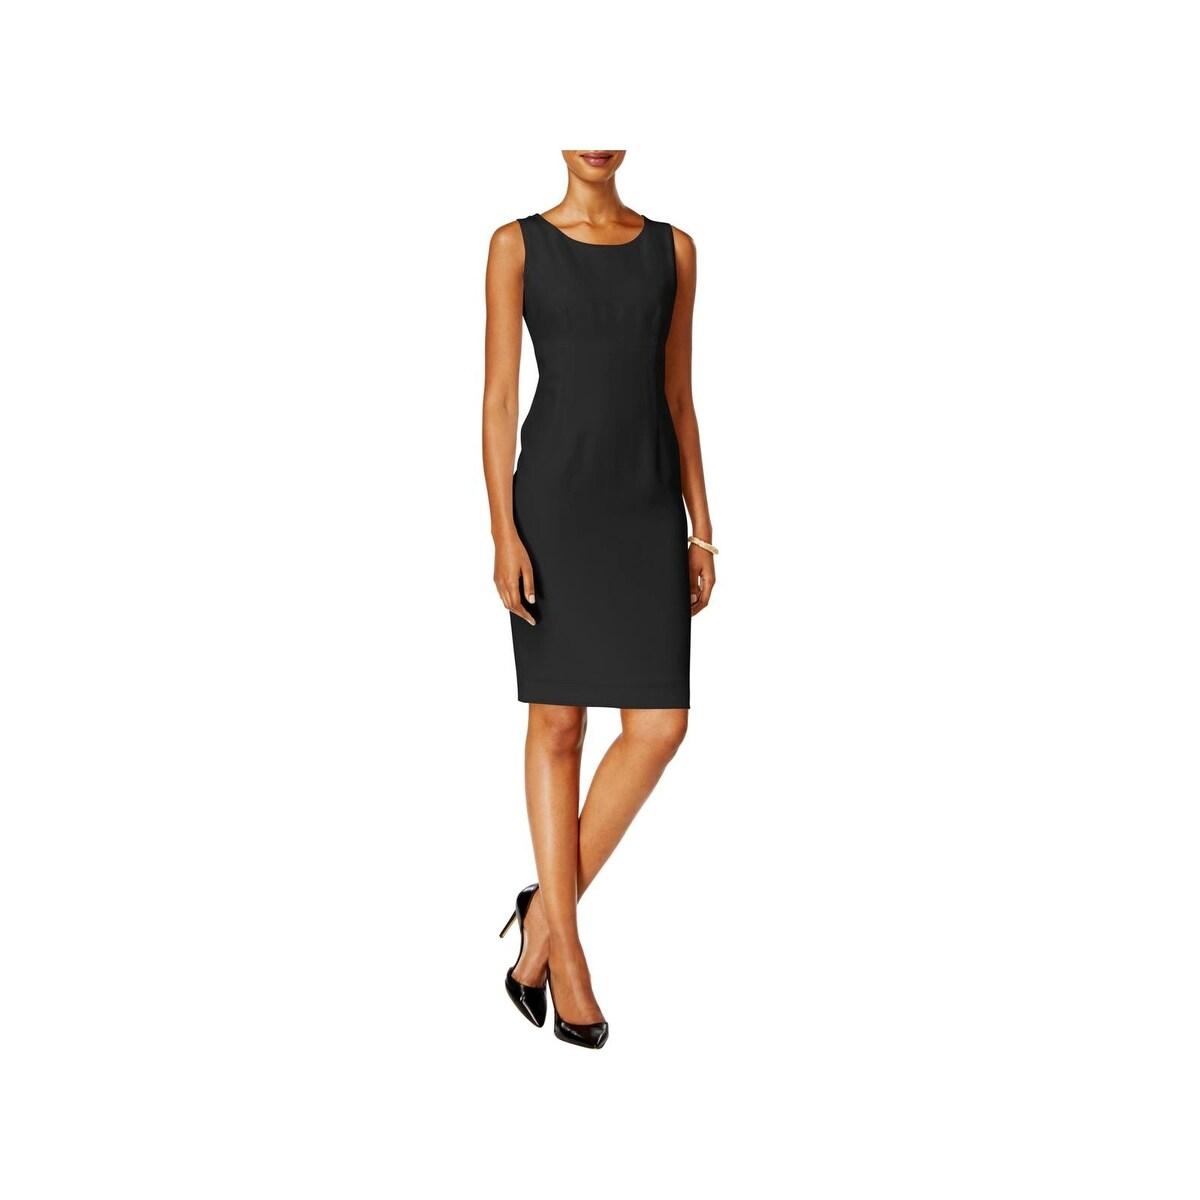 a65ab210 Kasper Women's Clothing   Shop our Best Clothing & Shoes Deals ...